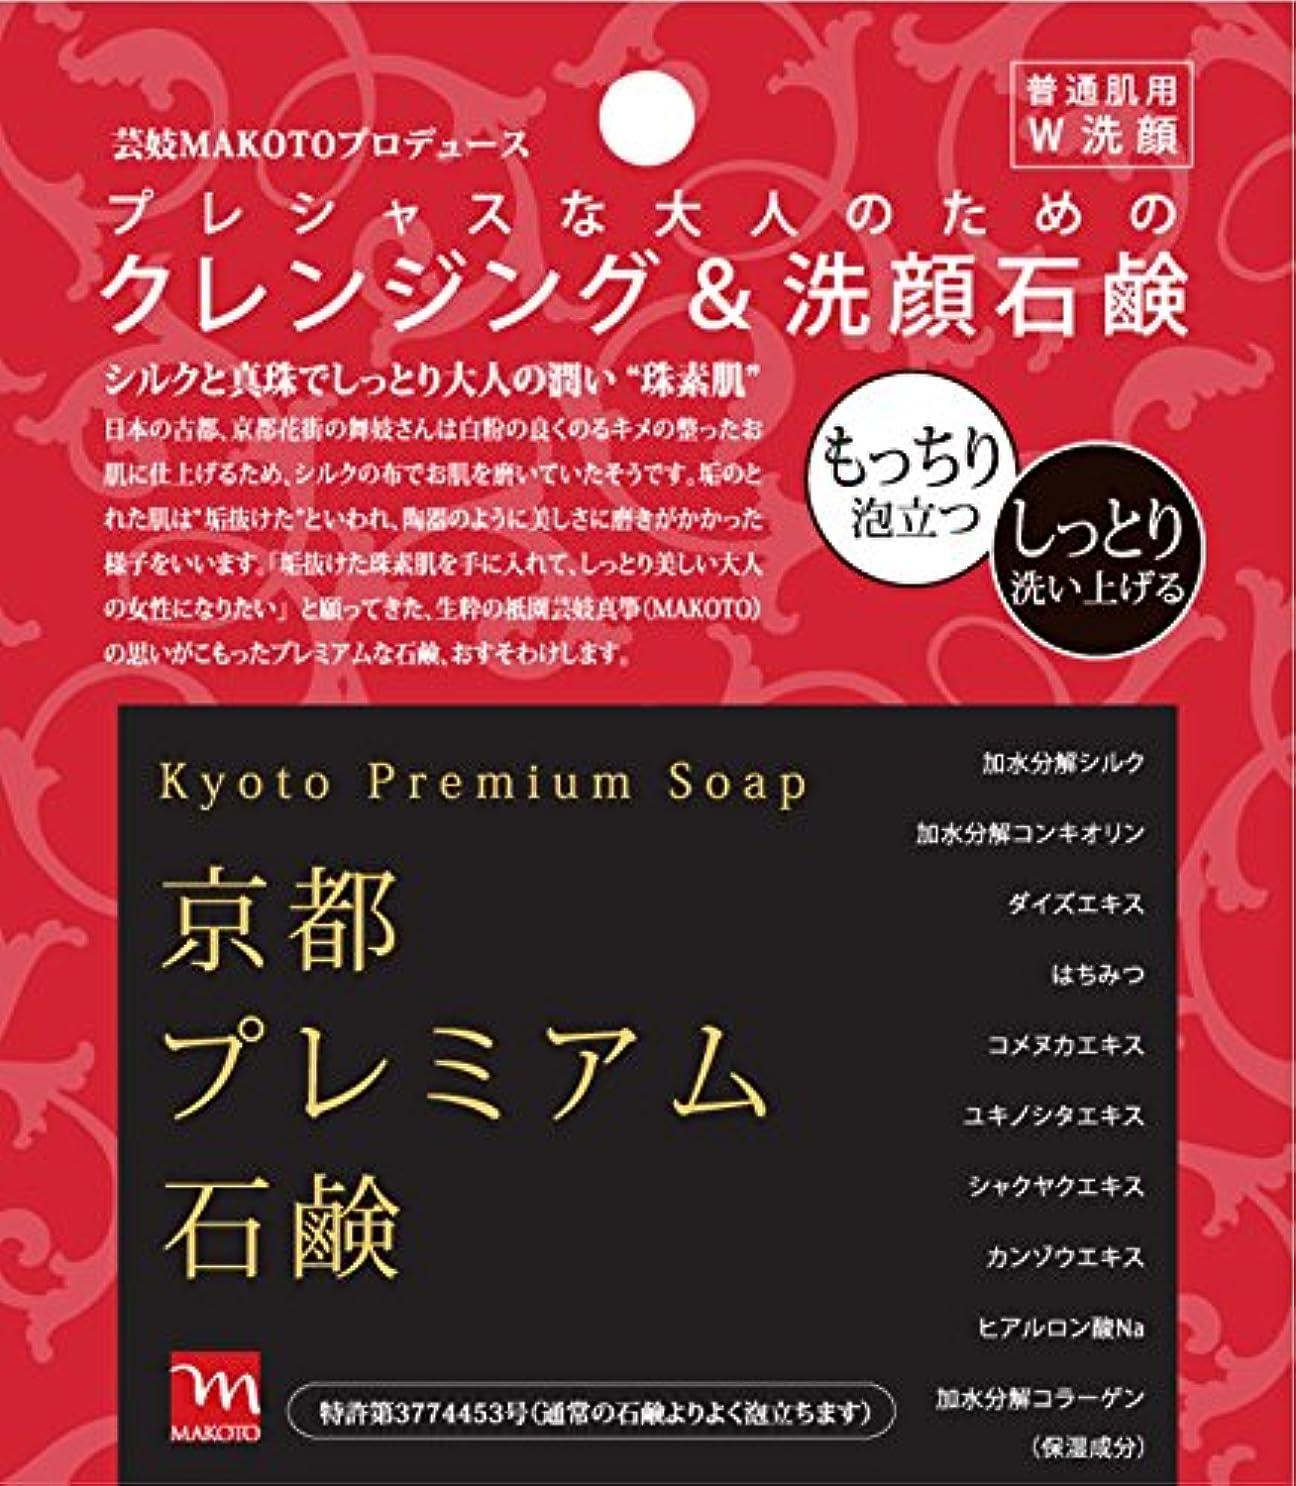 セールスマン書き出す志す京都プレミアム石鹸 クレンジング&洗顔石鹸 しっとり もっちり 芸妓さん監修